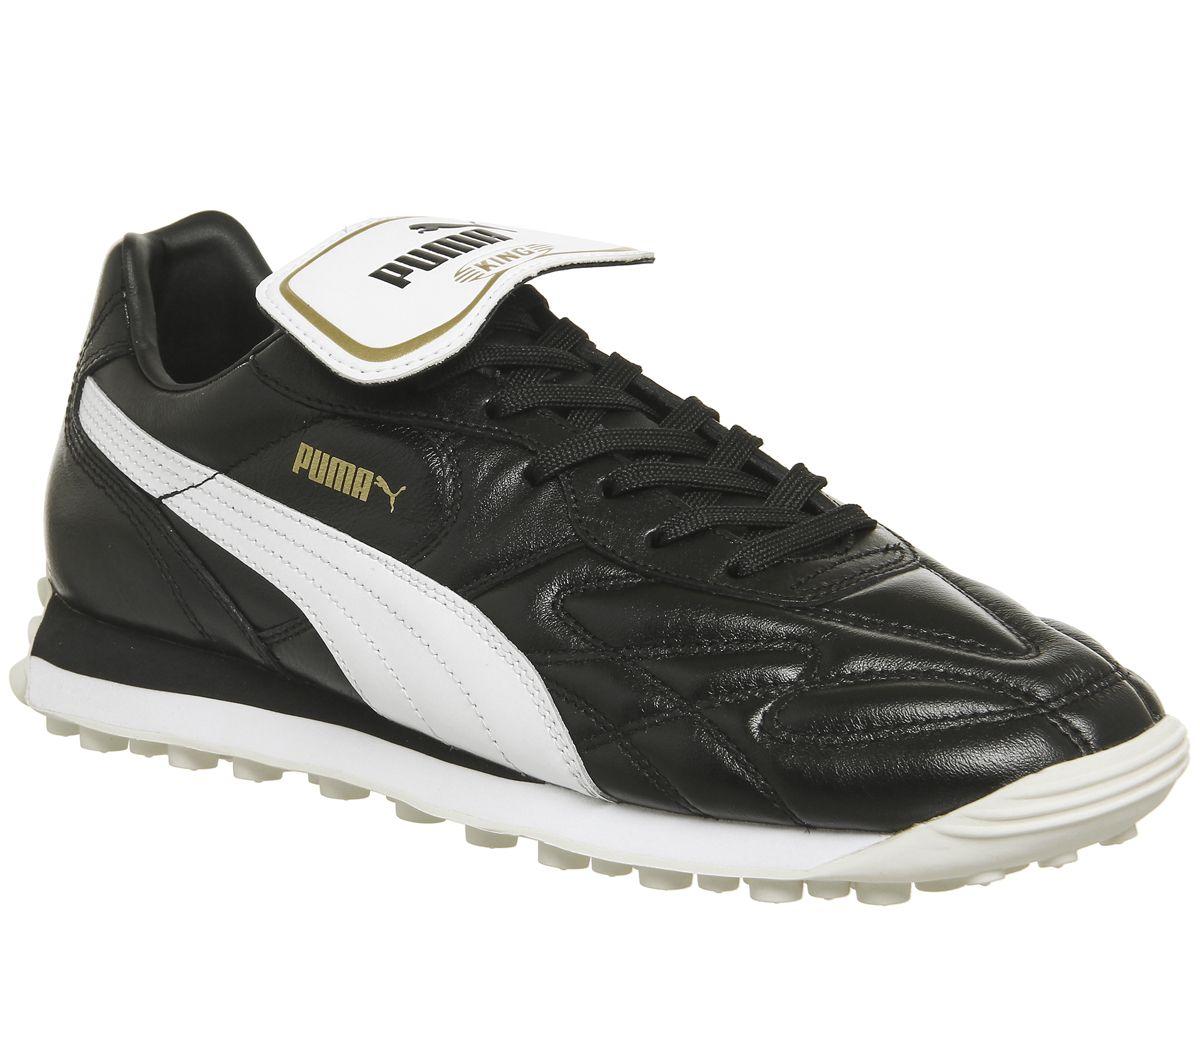 d5d10bb8 King Avanti Premium Trainers